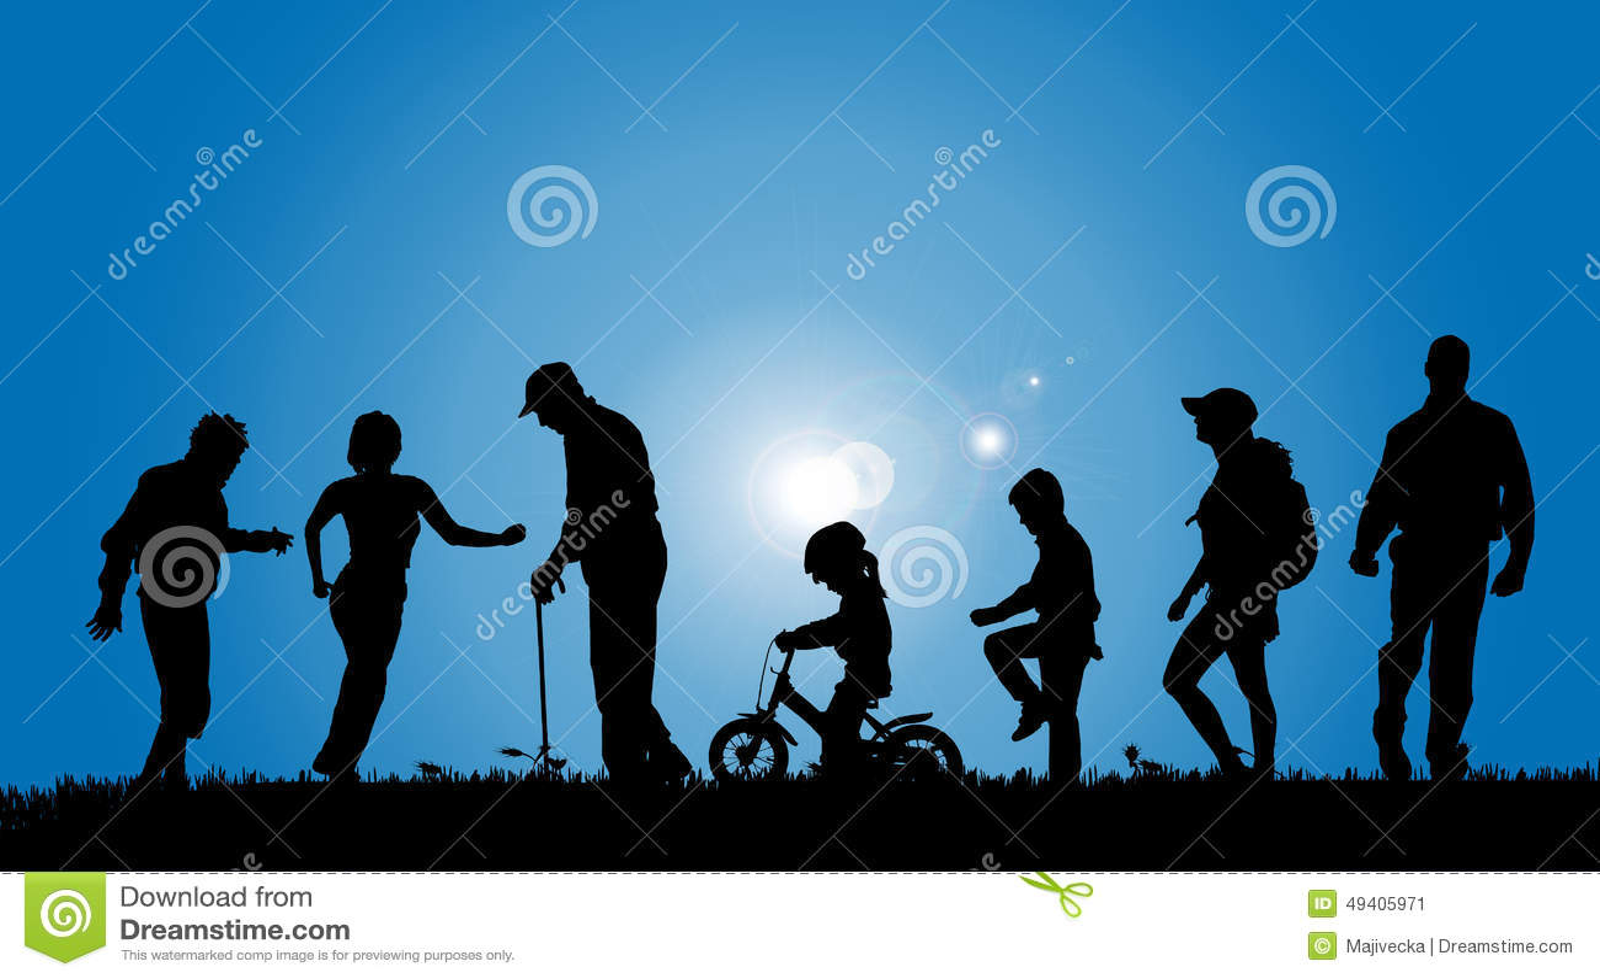 Download Vektorschattenbilder Von Leuten Vektor Abbildung - Illustration von konzept, radfahren: 49405971